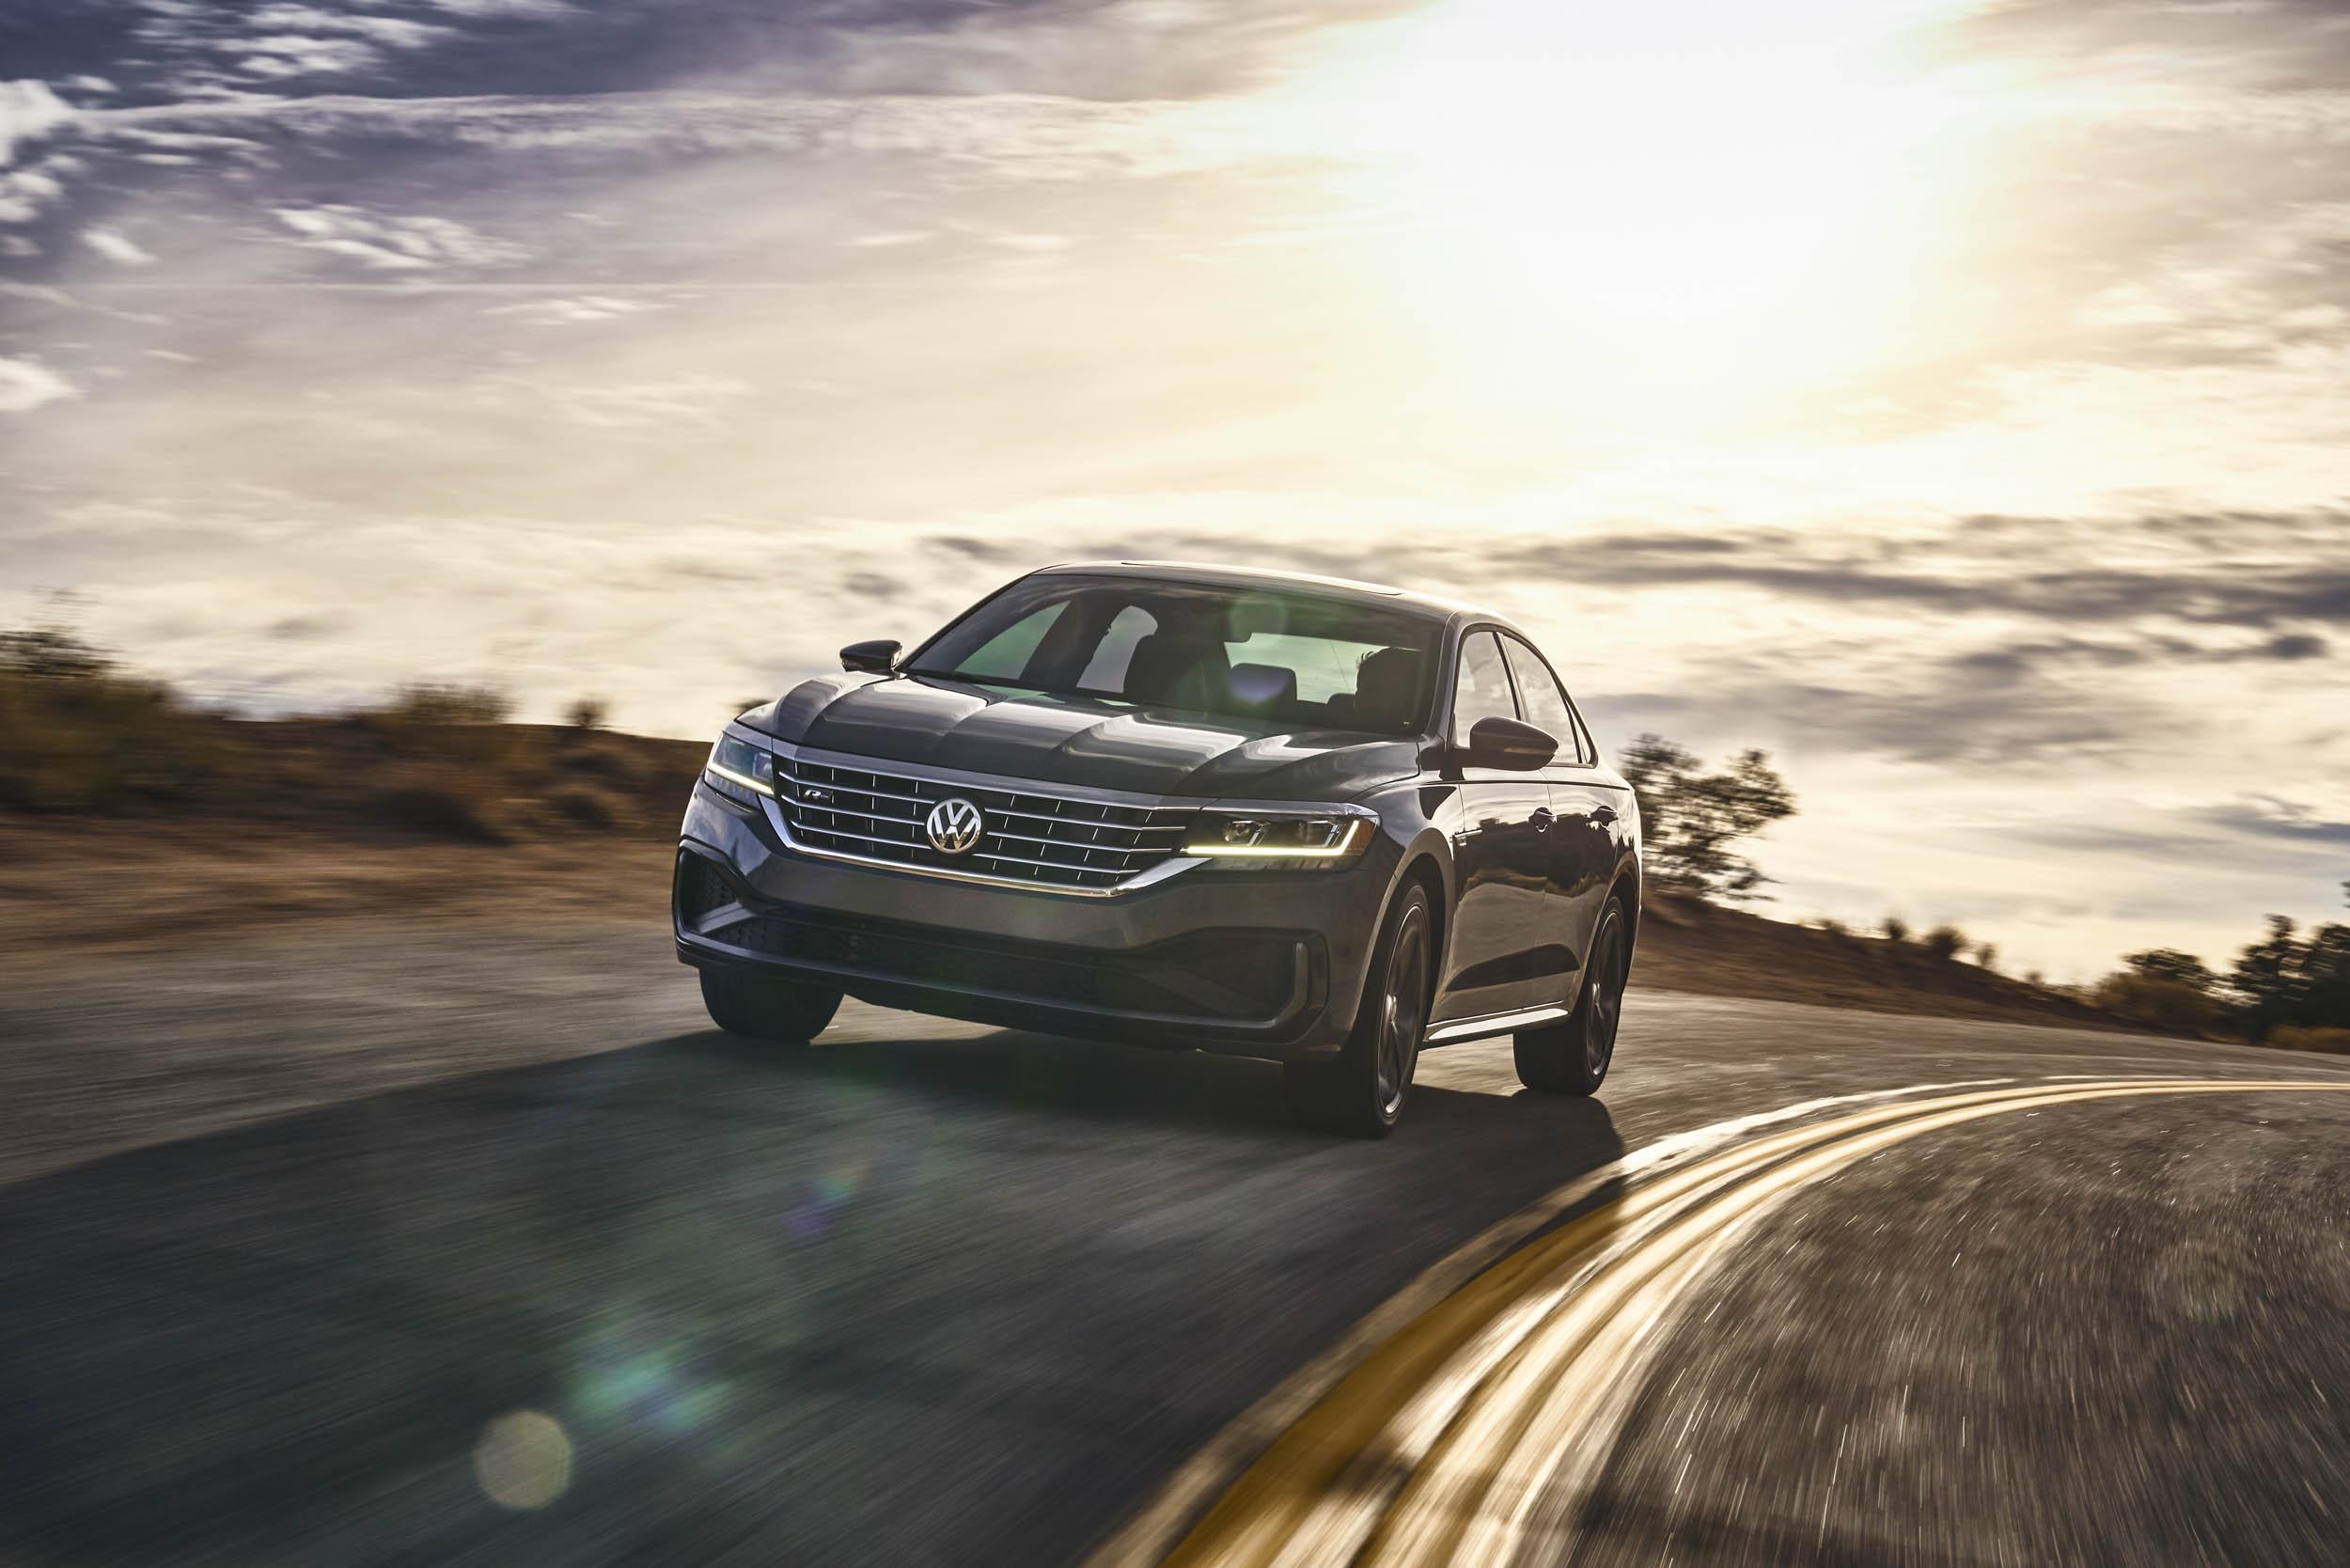 2020 Volkswagen Passat driving